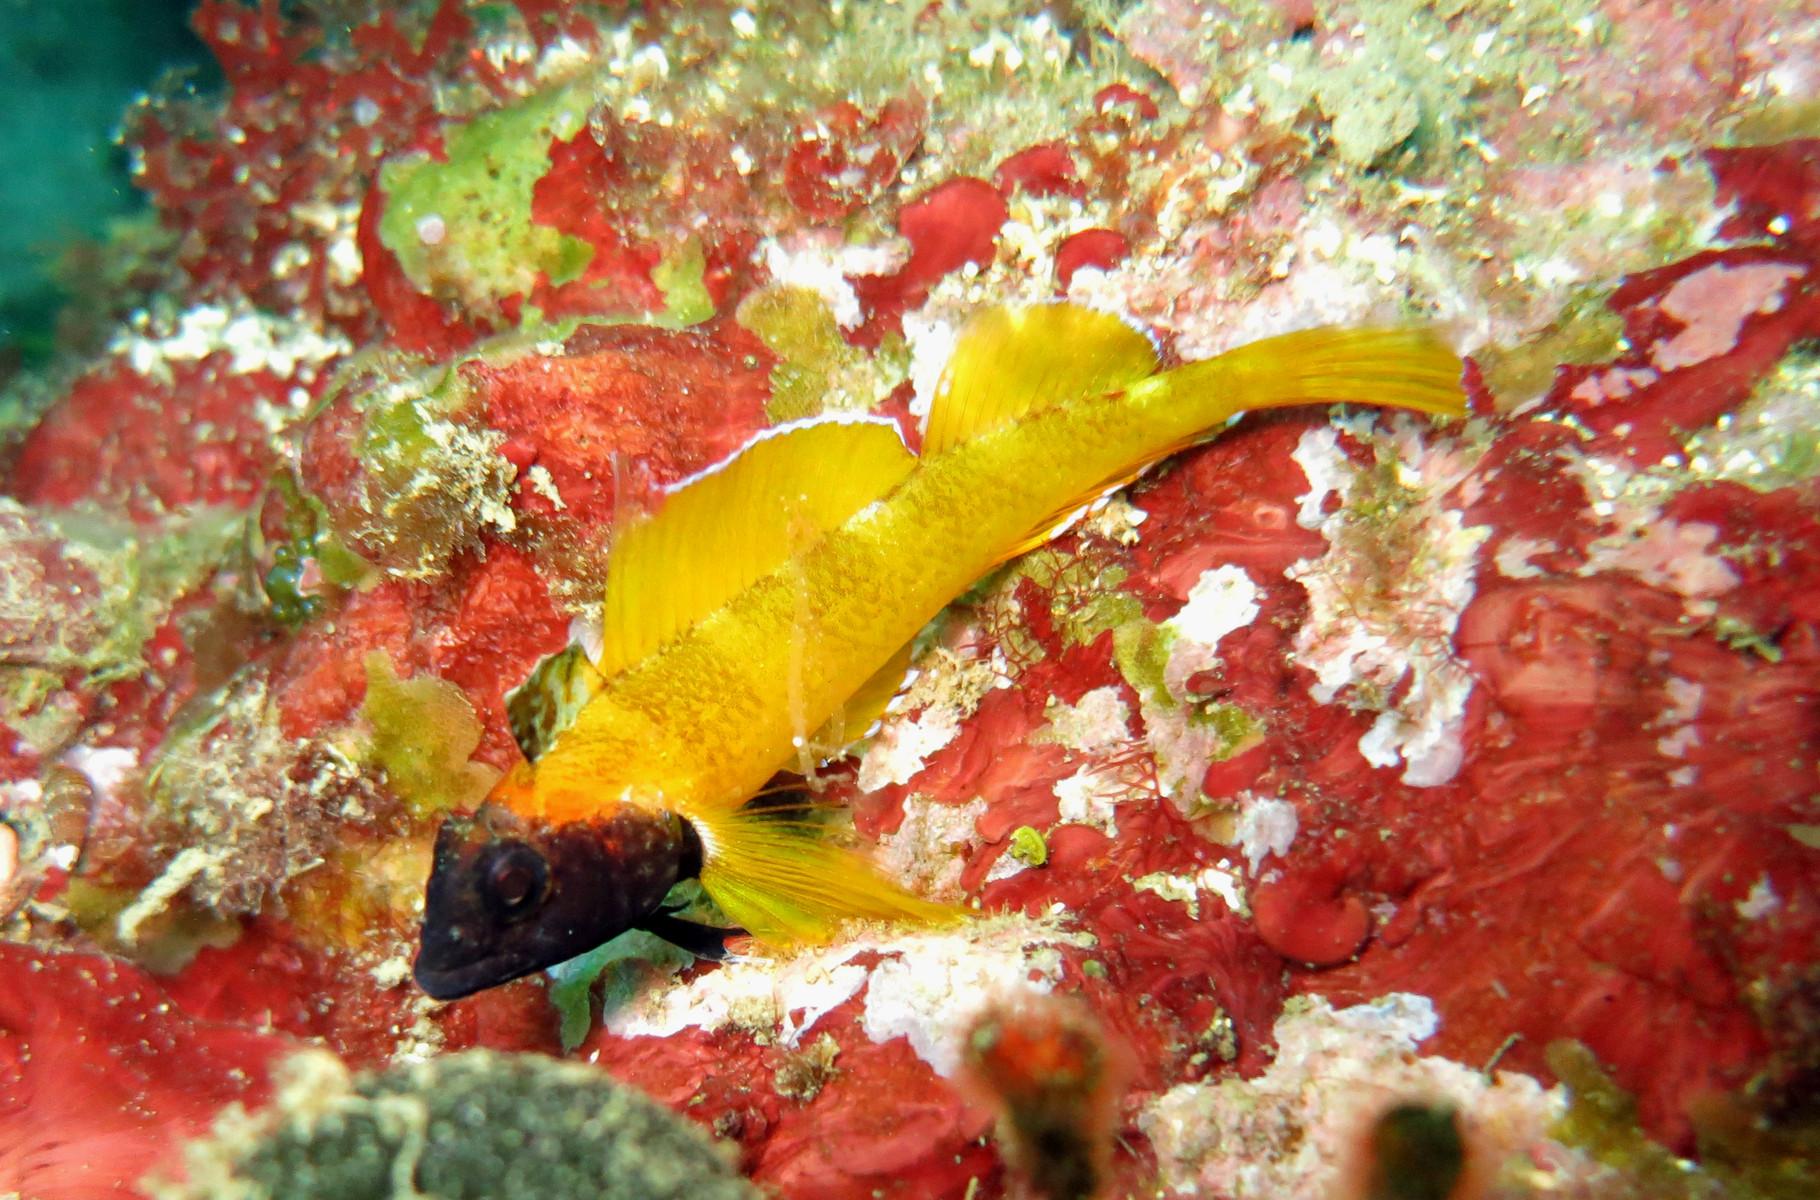 """Triptérygion jaune mâle """"Triterygion delaisi"""" Port Cros. Crédit : Jean-Luc Beaud"""